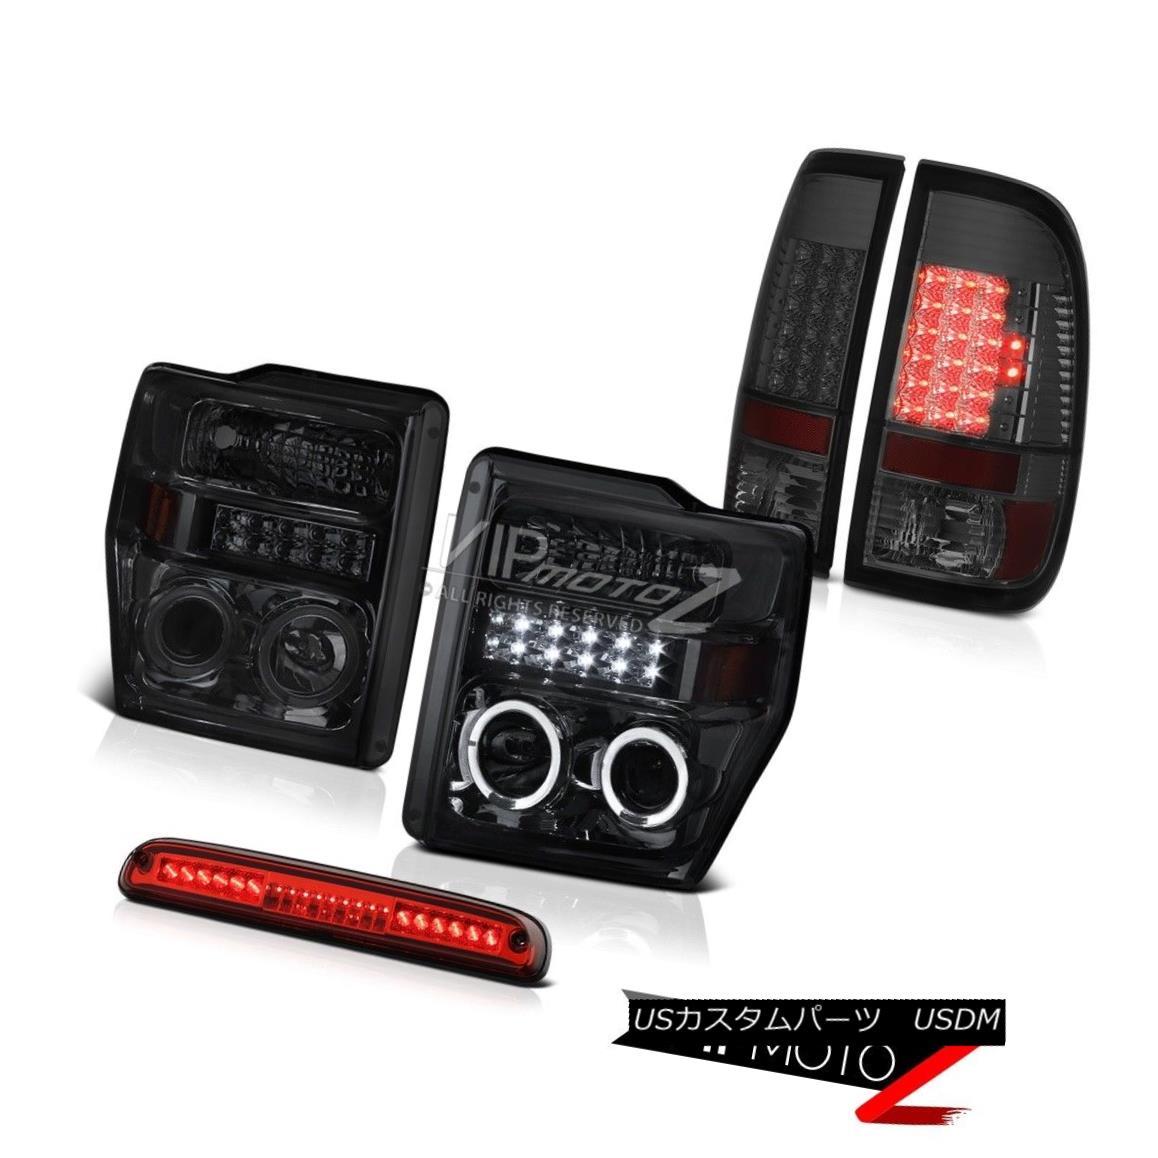 ヘッドライト 08 09 10 F250 6.8L Dark Halo Projector Headlights Signal Tail Lights 3rd Red LED 08 09 10 F250 6.8Lダークハロープロジェクターヘッドライト信号テールライト第3赤色LED